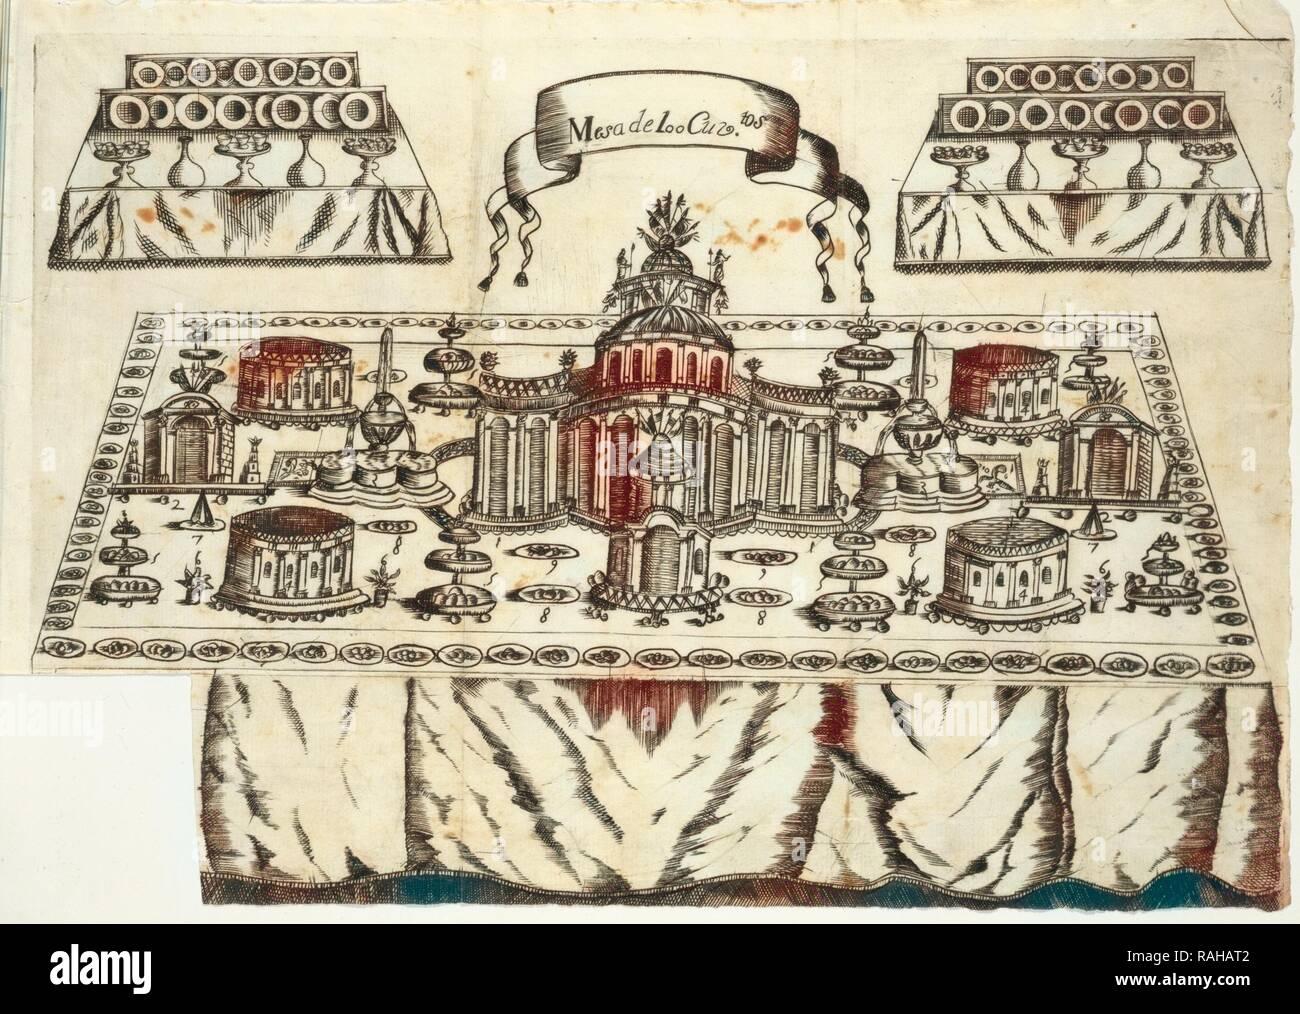 Mesa de 100 cuviertos, Arte de la repostería, en que se contiene todo genero de hacer dulces secos, y en lìquido reinventado Imagen De Stock